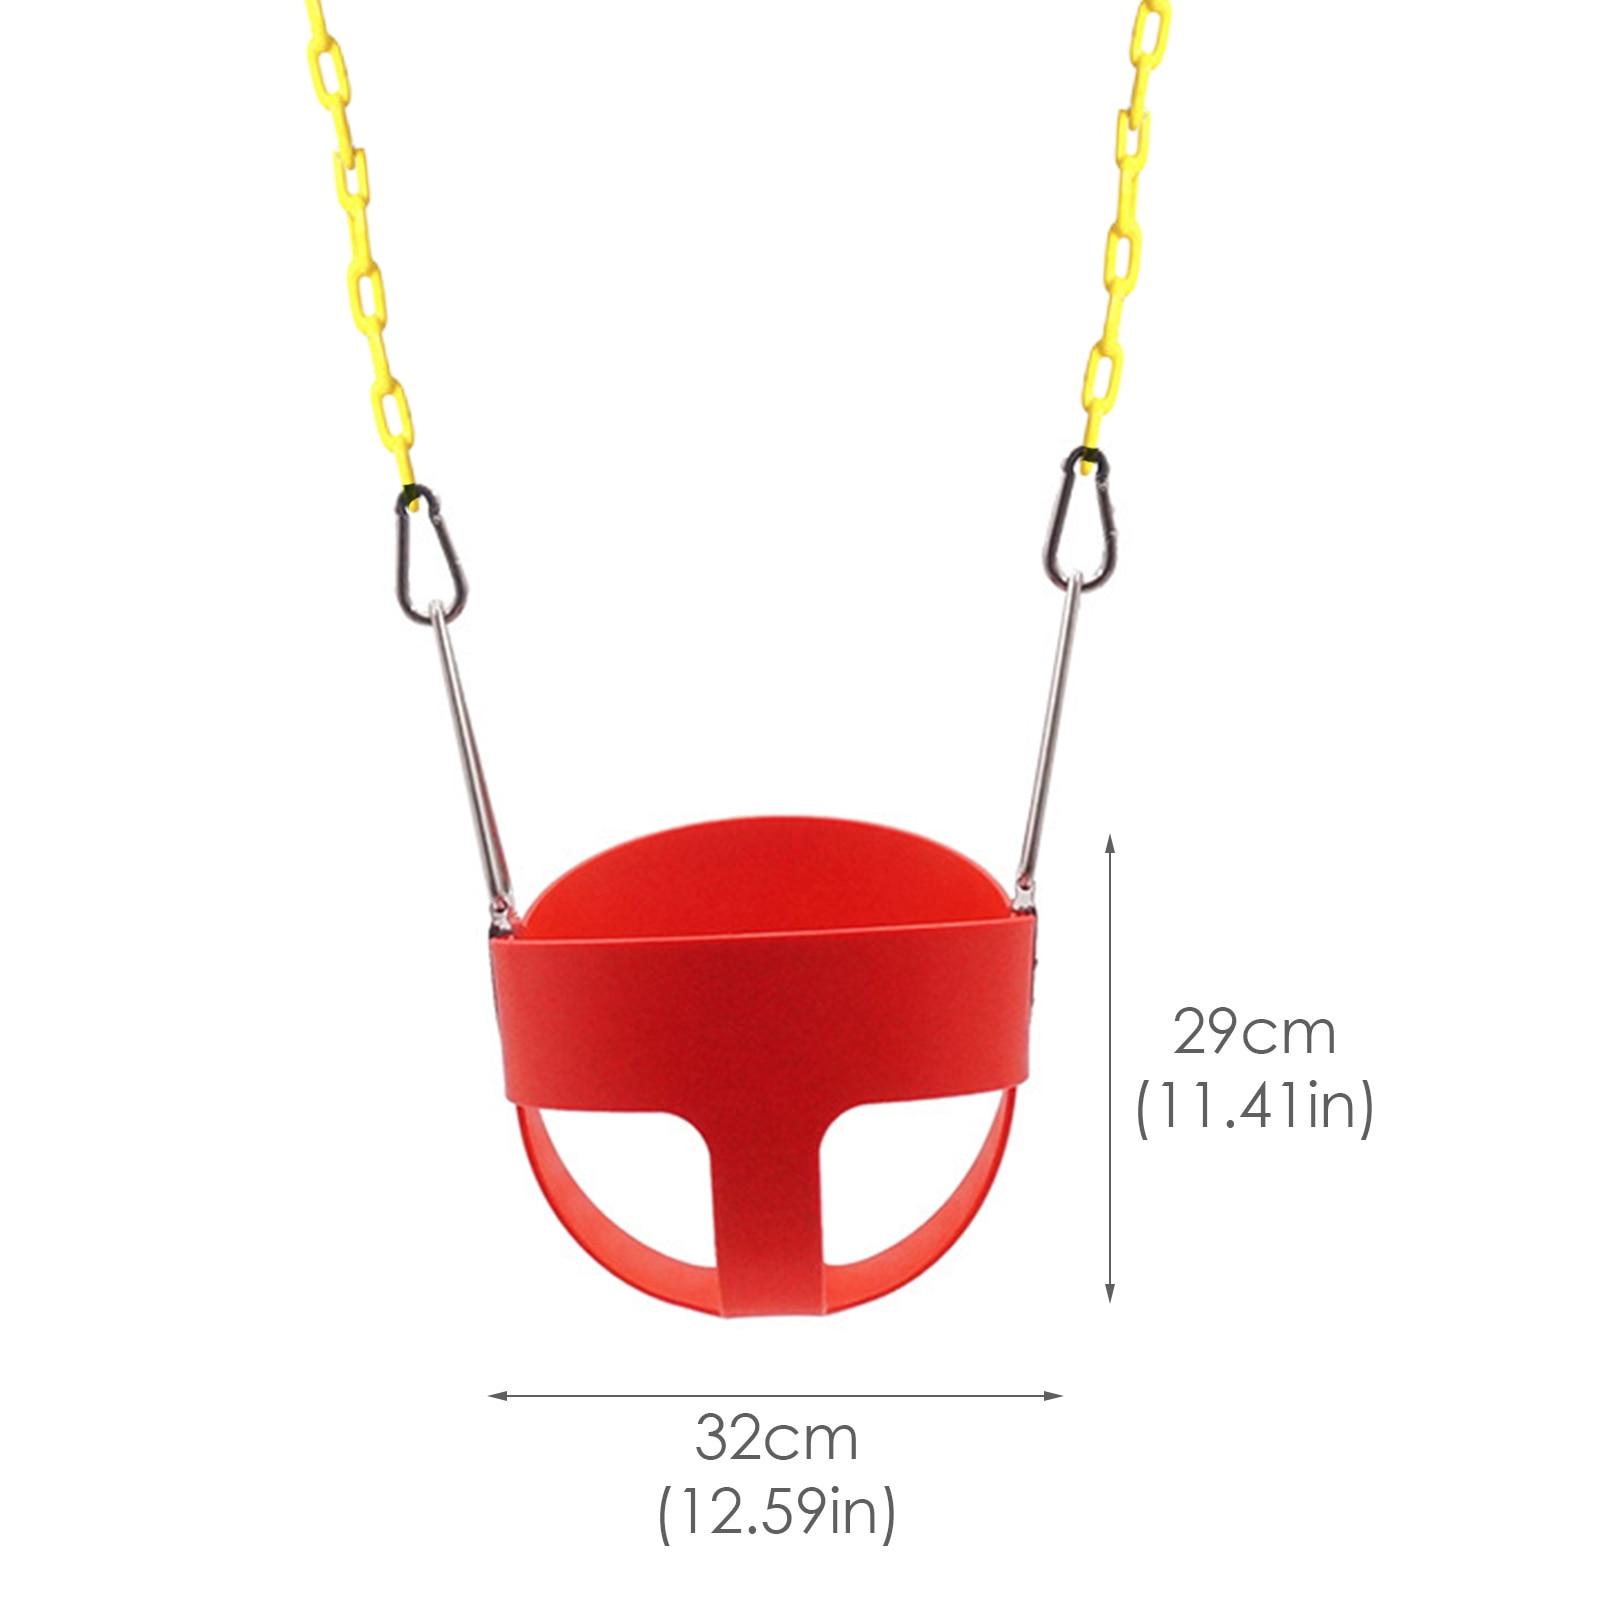 Assento do balanço da corda com correntes